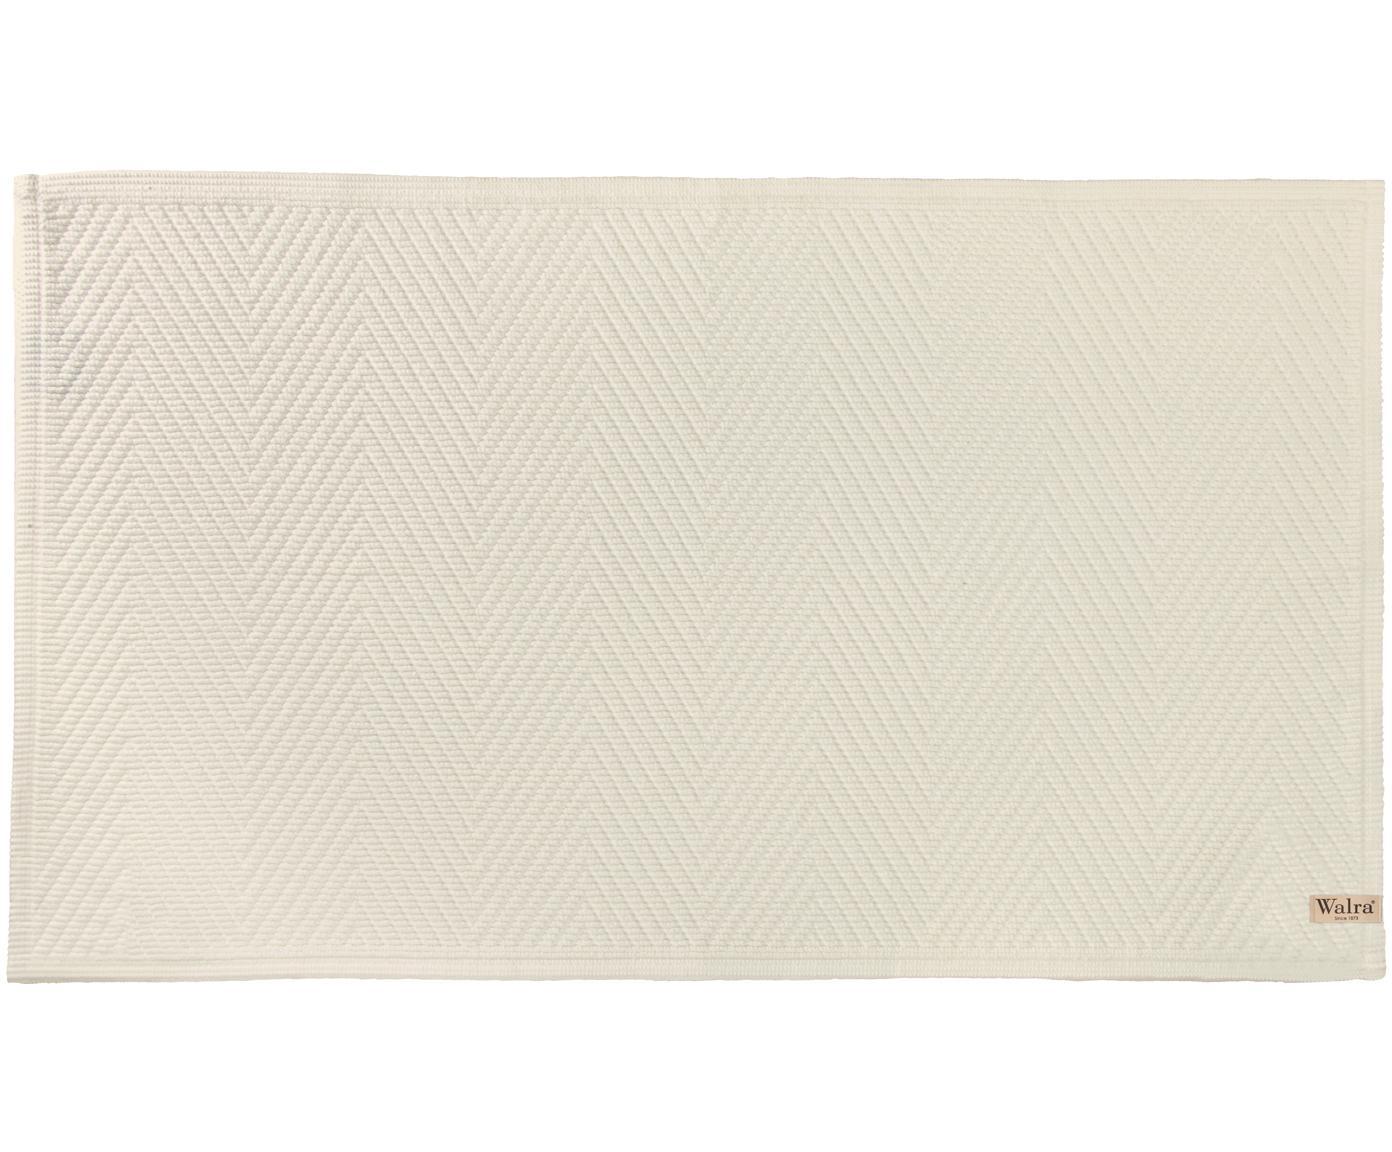 Tappeto bagno con motivo spina di pesce Soft Cotton, Cotone, Grigio pietra, Larg. 60 x Lung. 100 cm